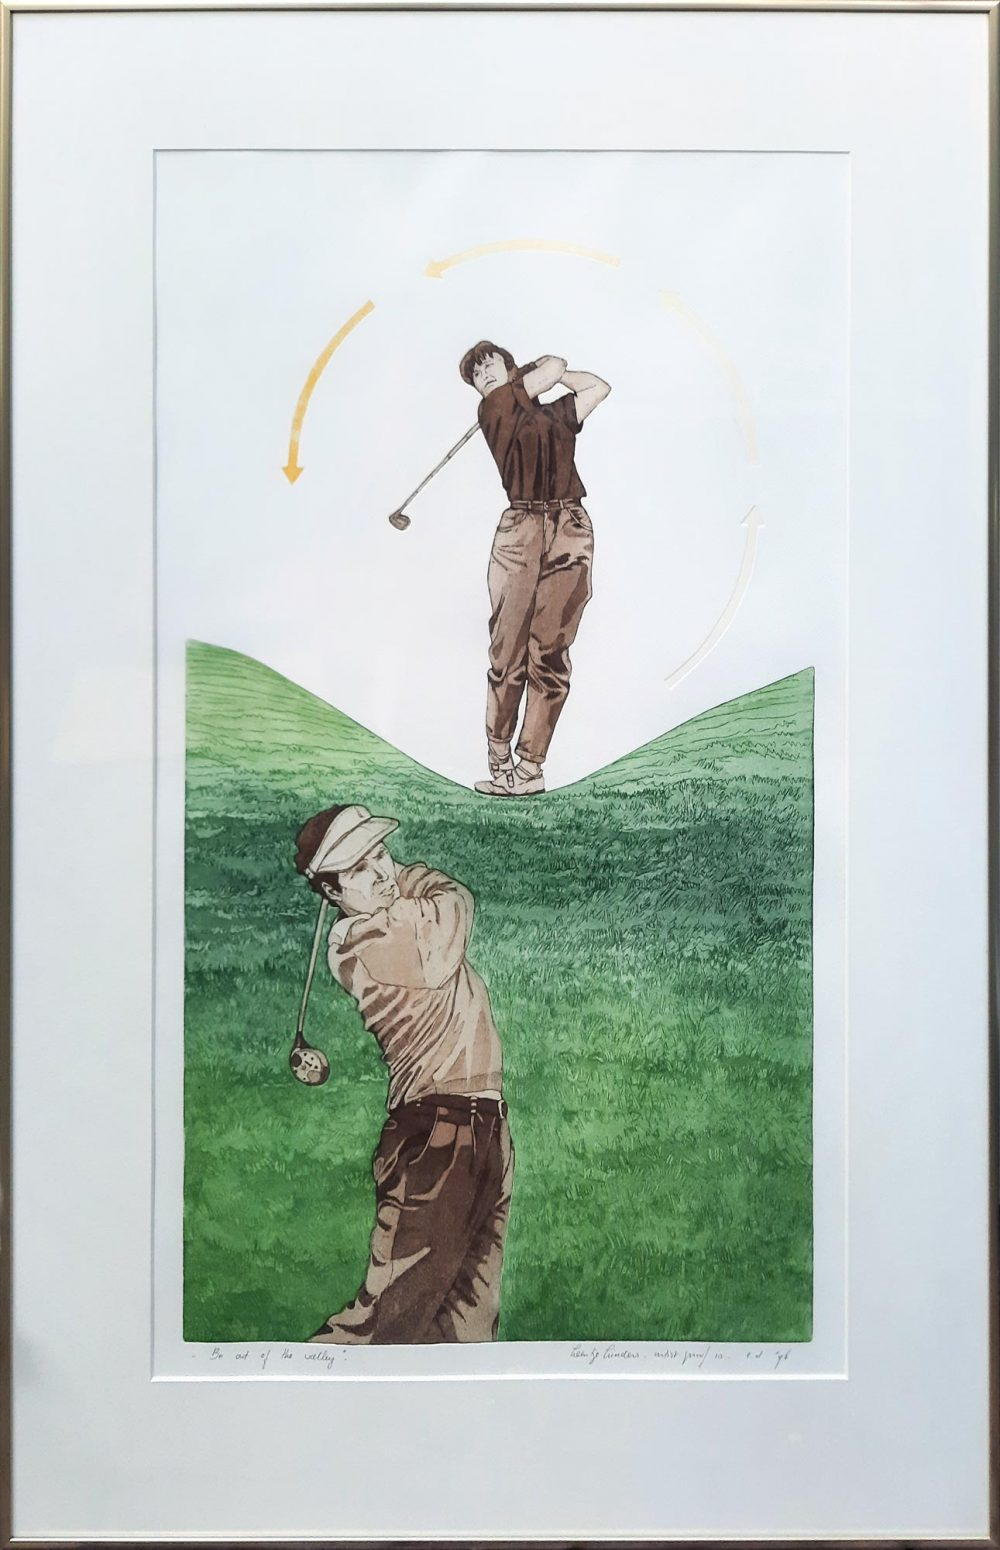 Leentje Linders Golf ets